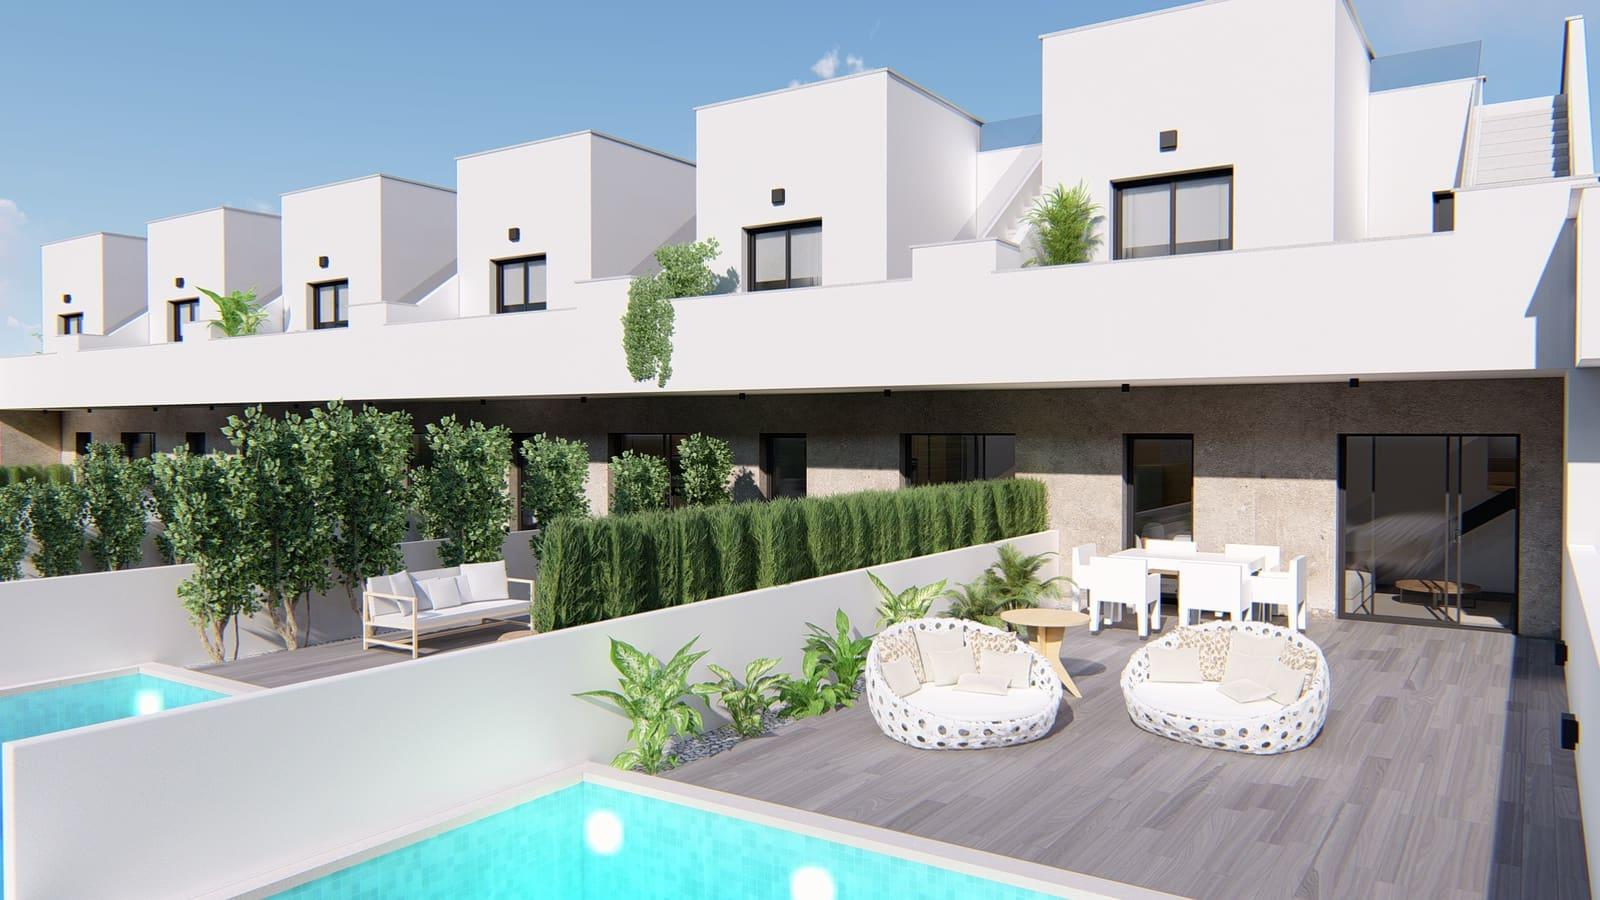 Casa de 3 habitaciones en Pilar de la Horadada en venta con piscina - 205.900 € (Ref: 4926184)